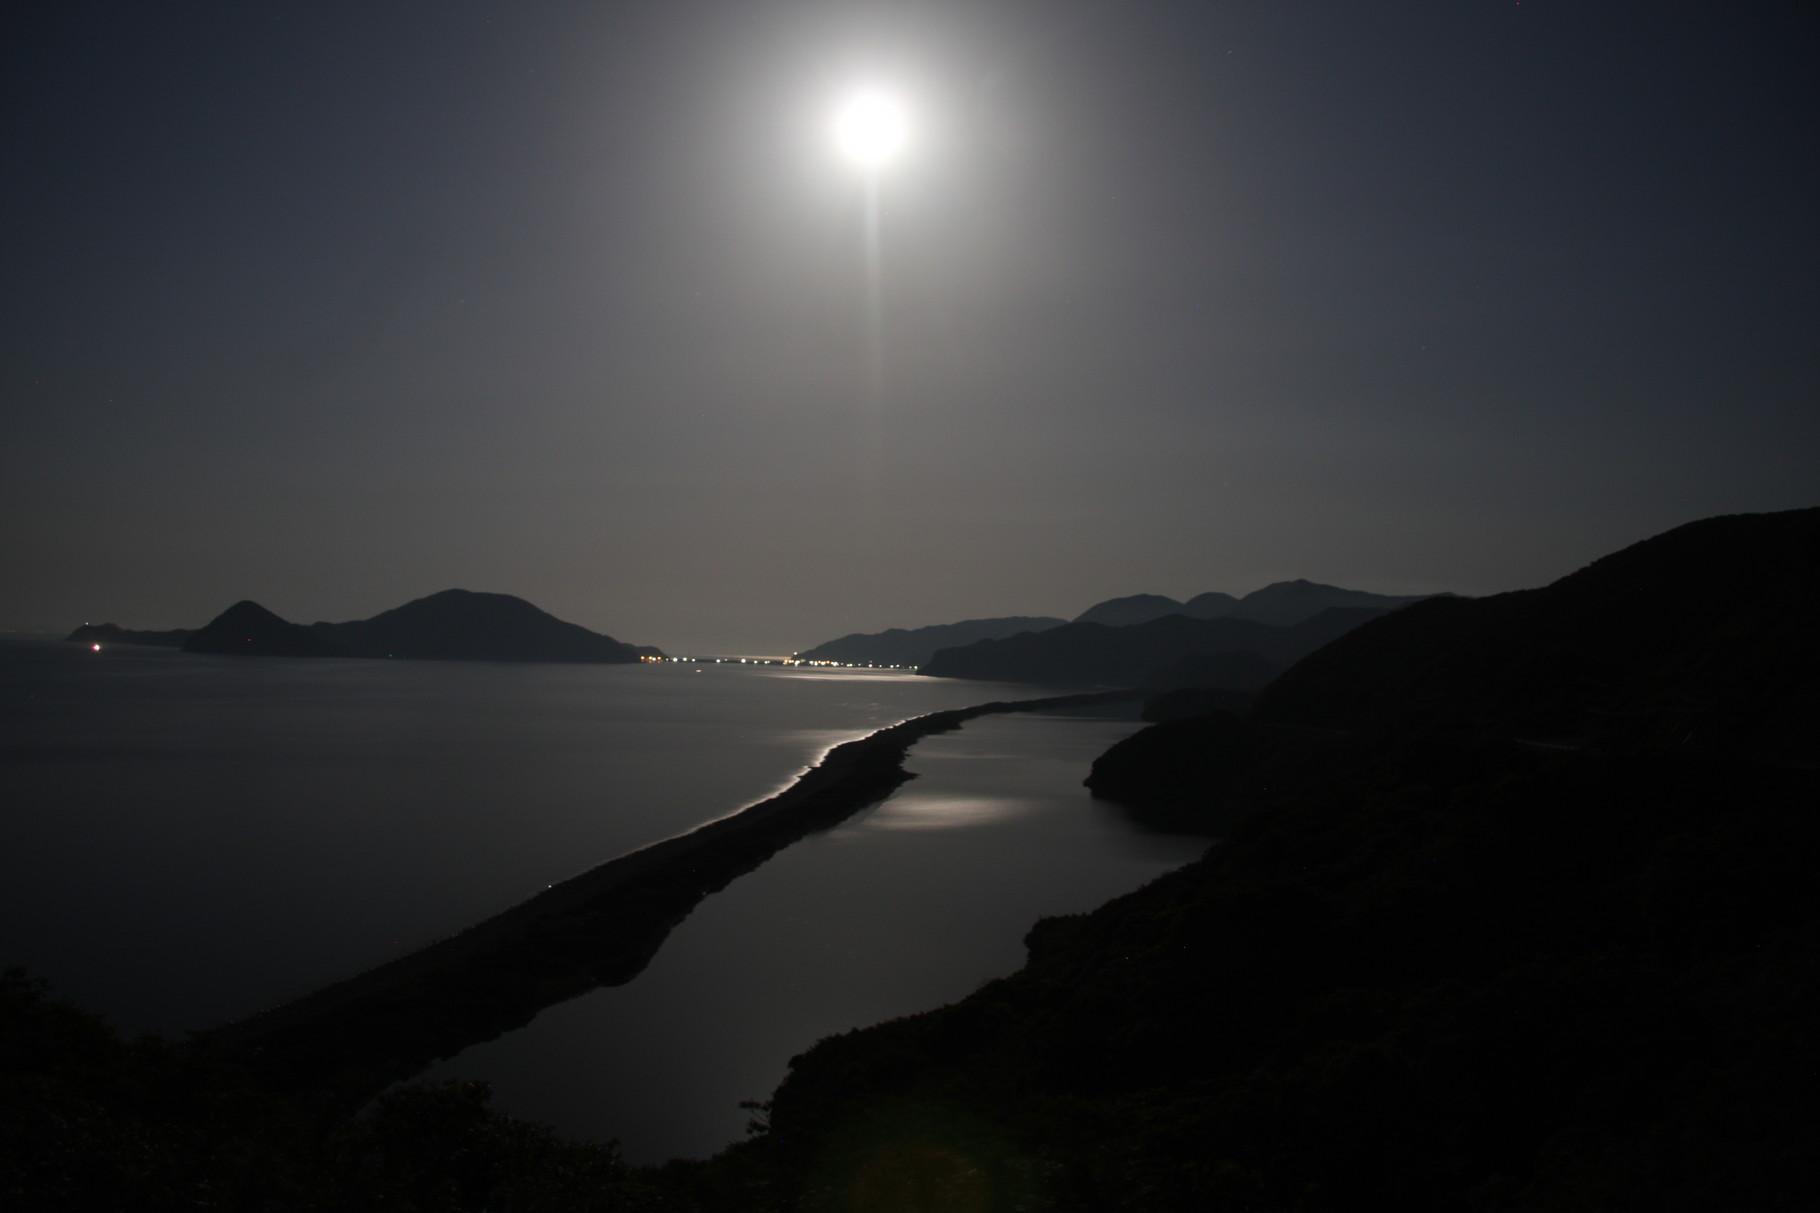 月夜もきれいです。